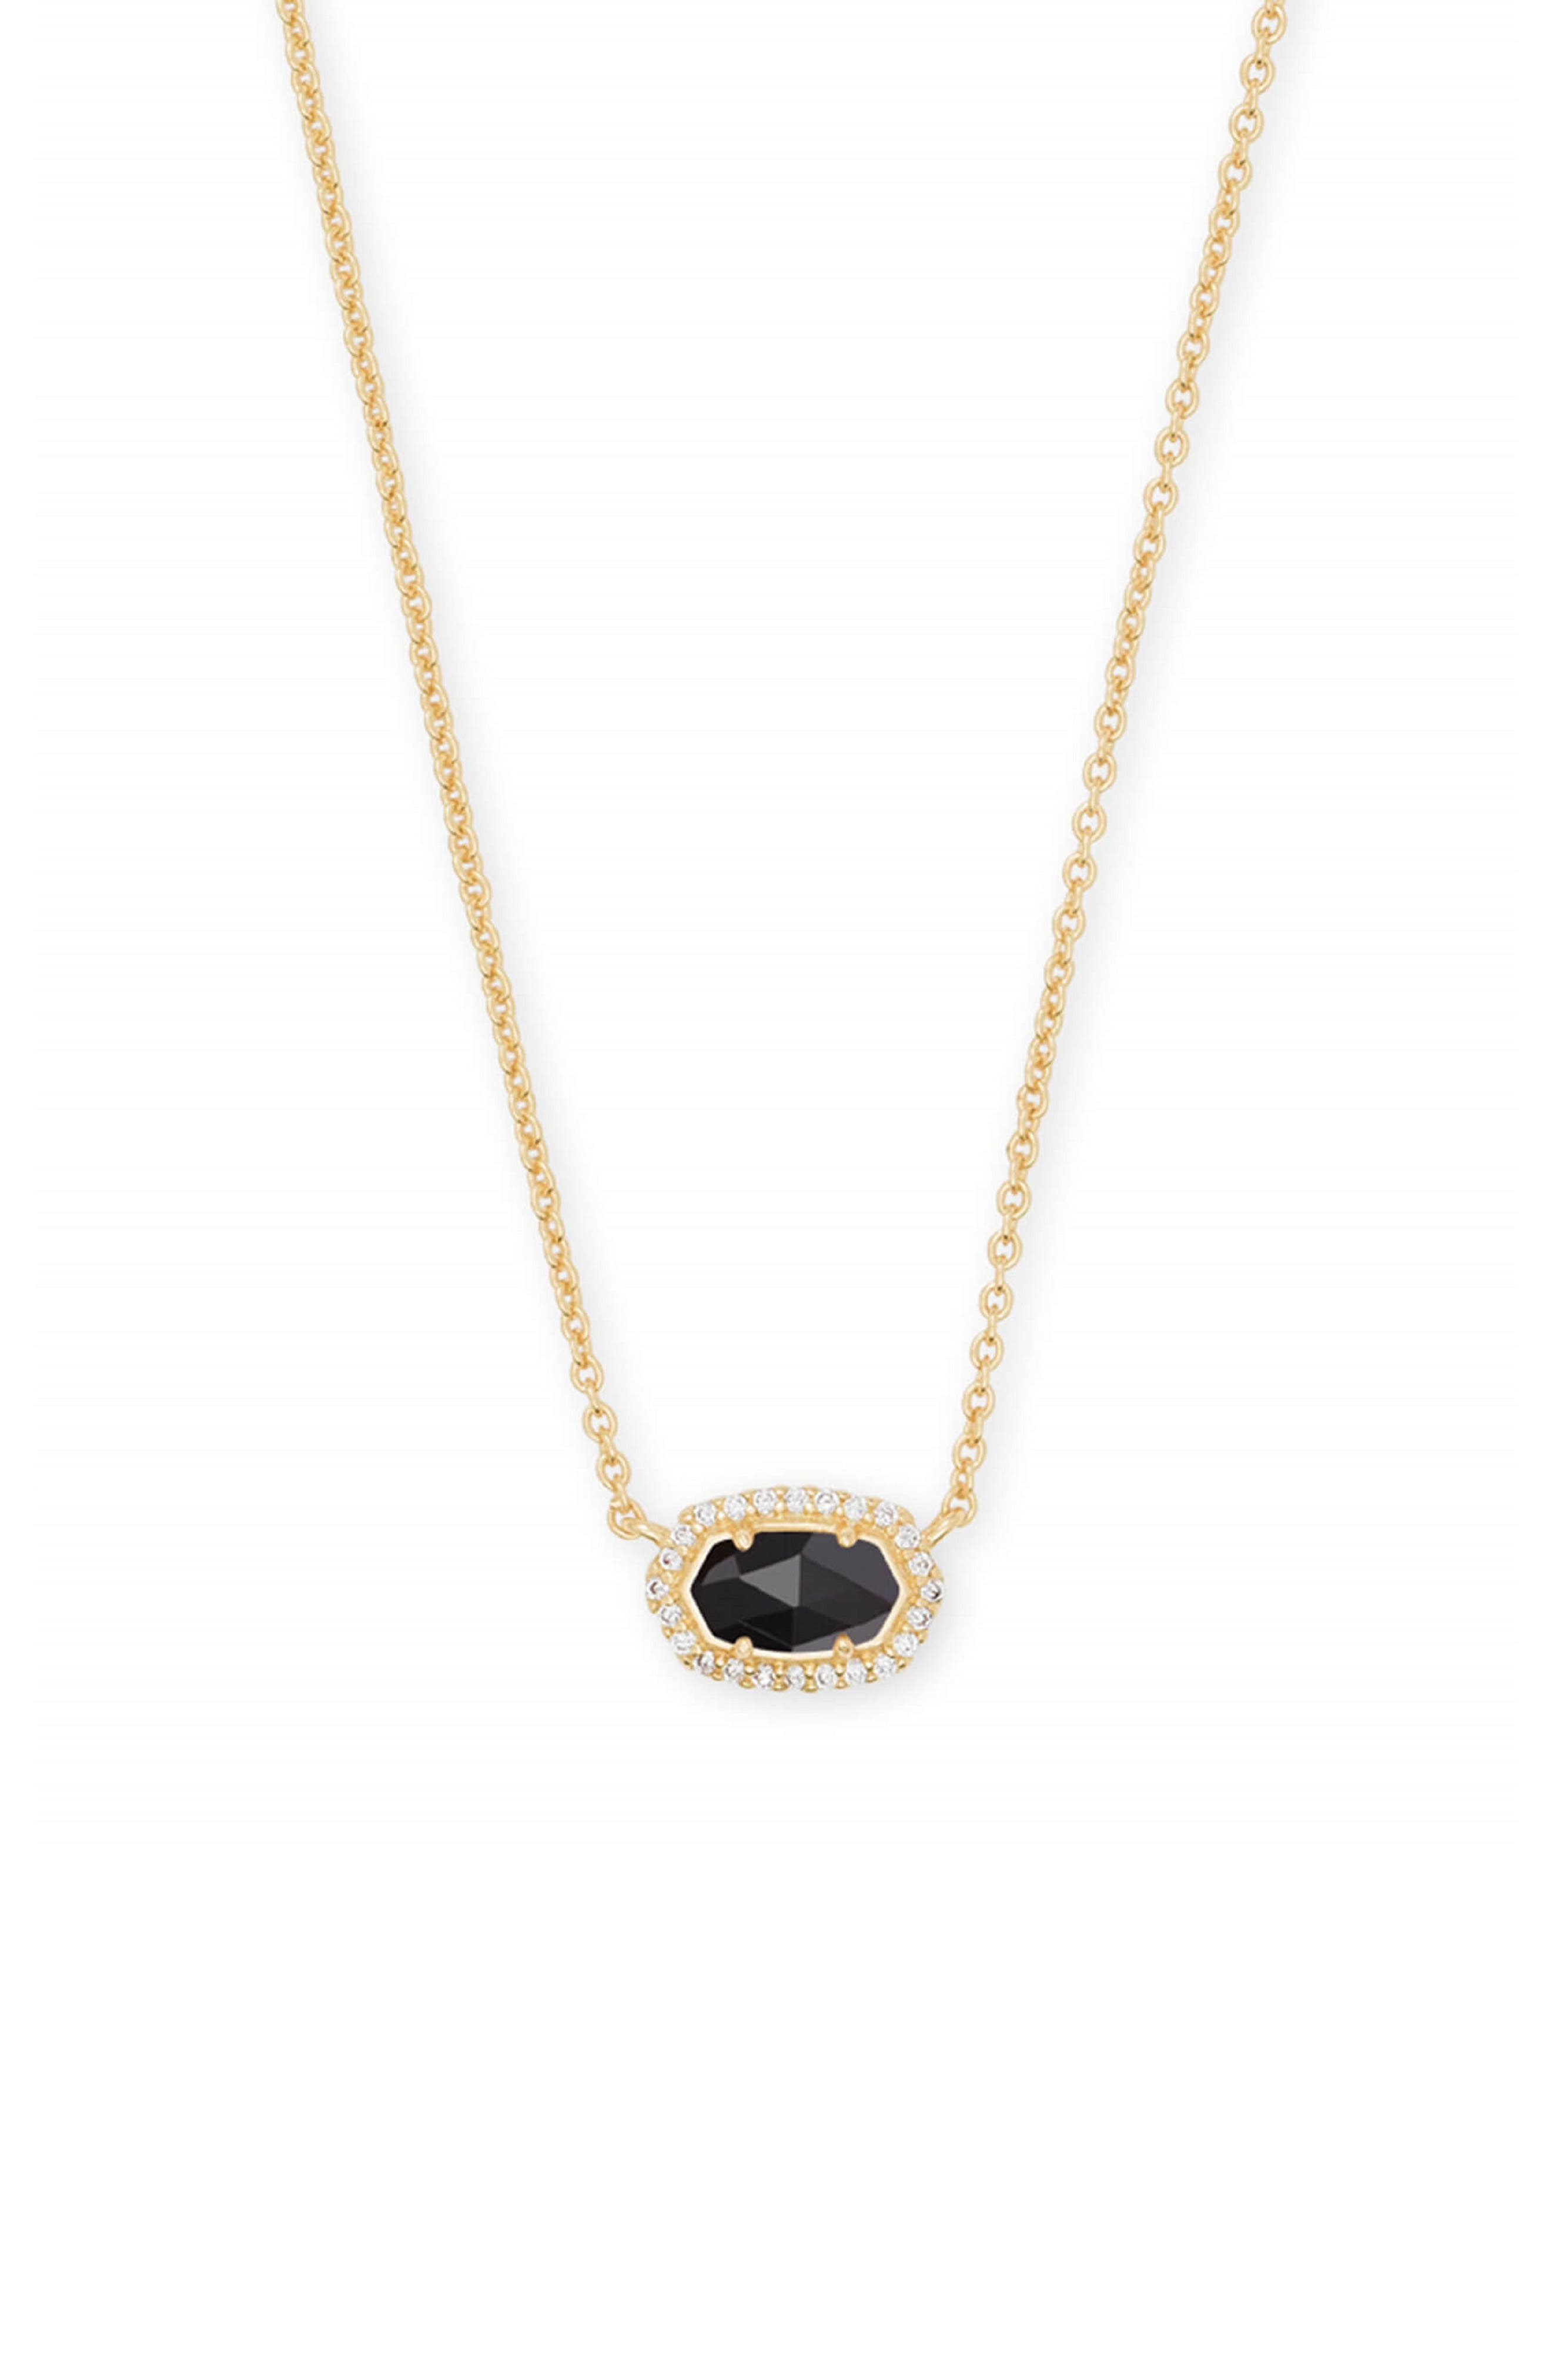 KENDRA SCOTT Chelsea Pendant Necklace, Main, color, BLACK/ GOLD